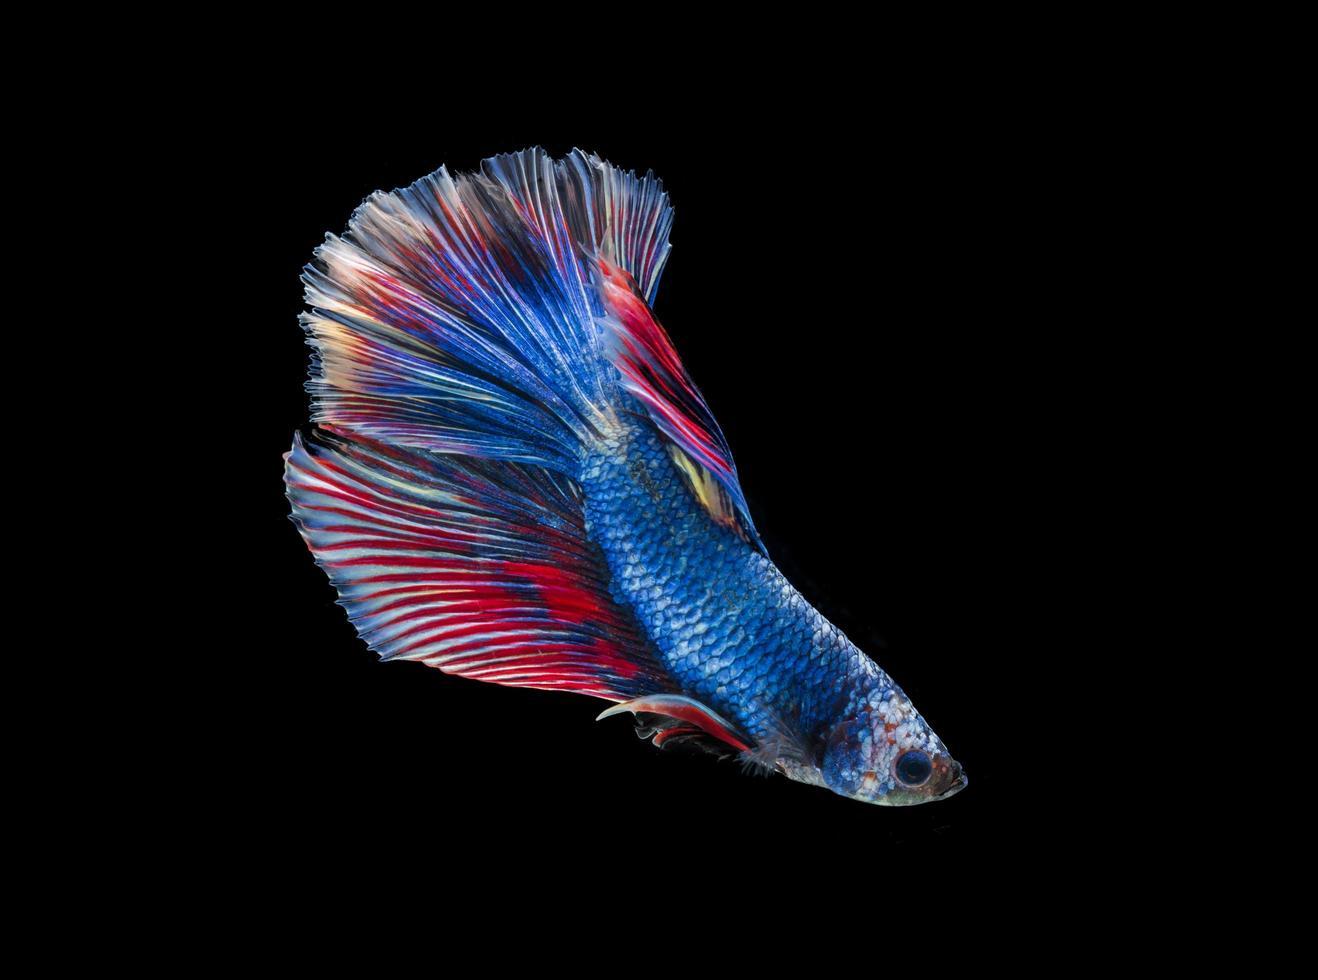 betta siamese pesce combattente con bellissimi colori su sfondo nero foto